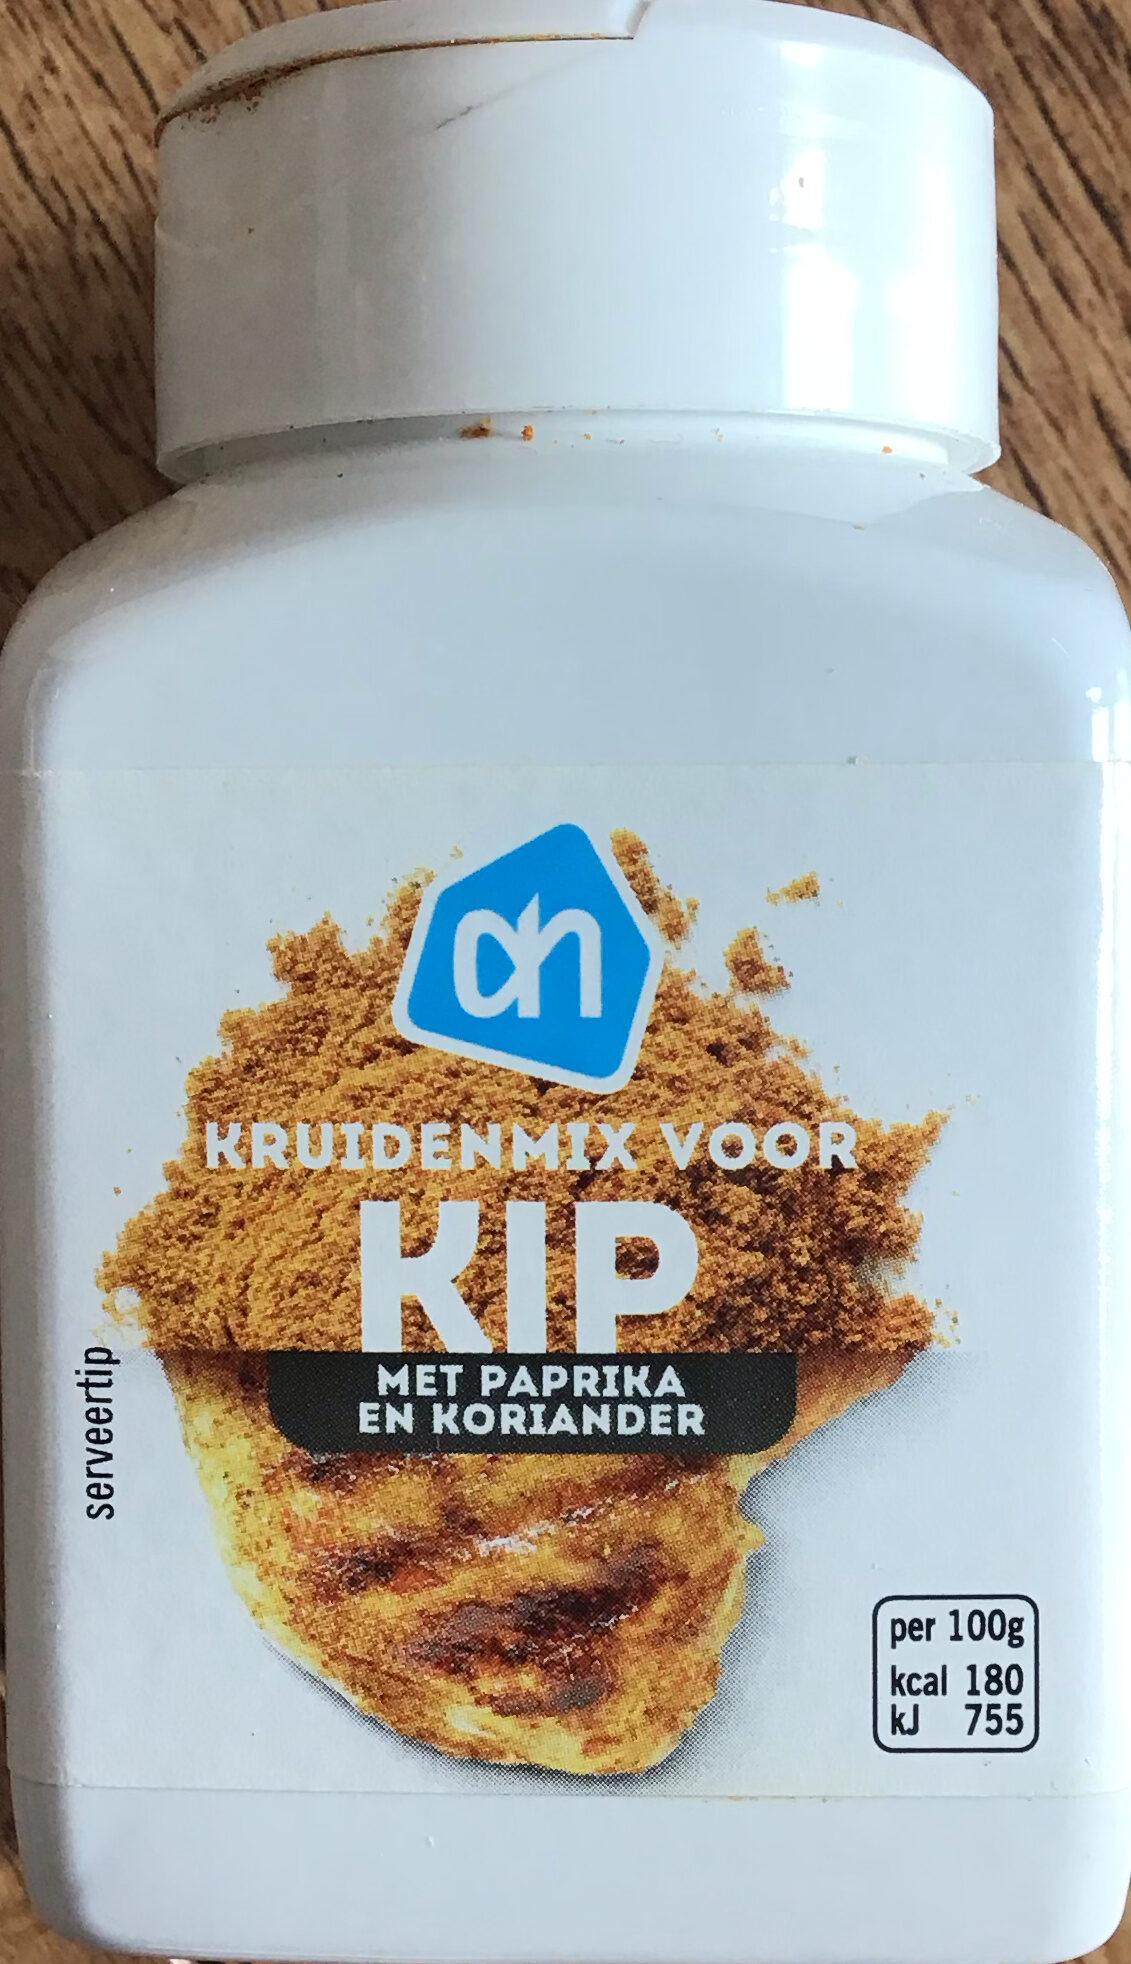 Kruidemix voor Kip - Product